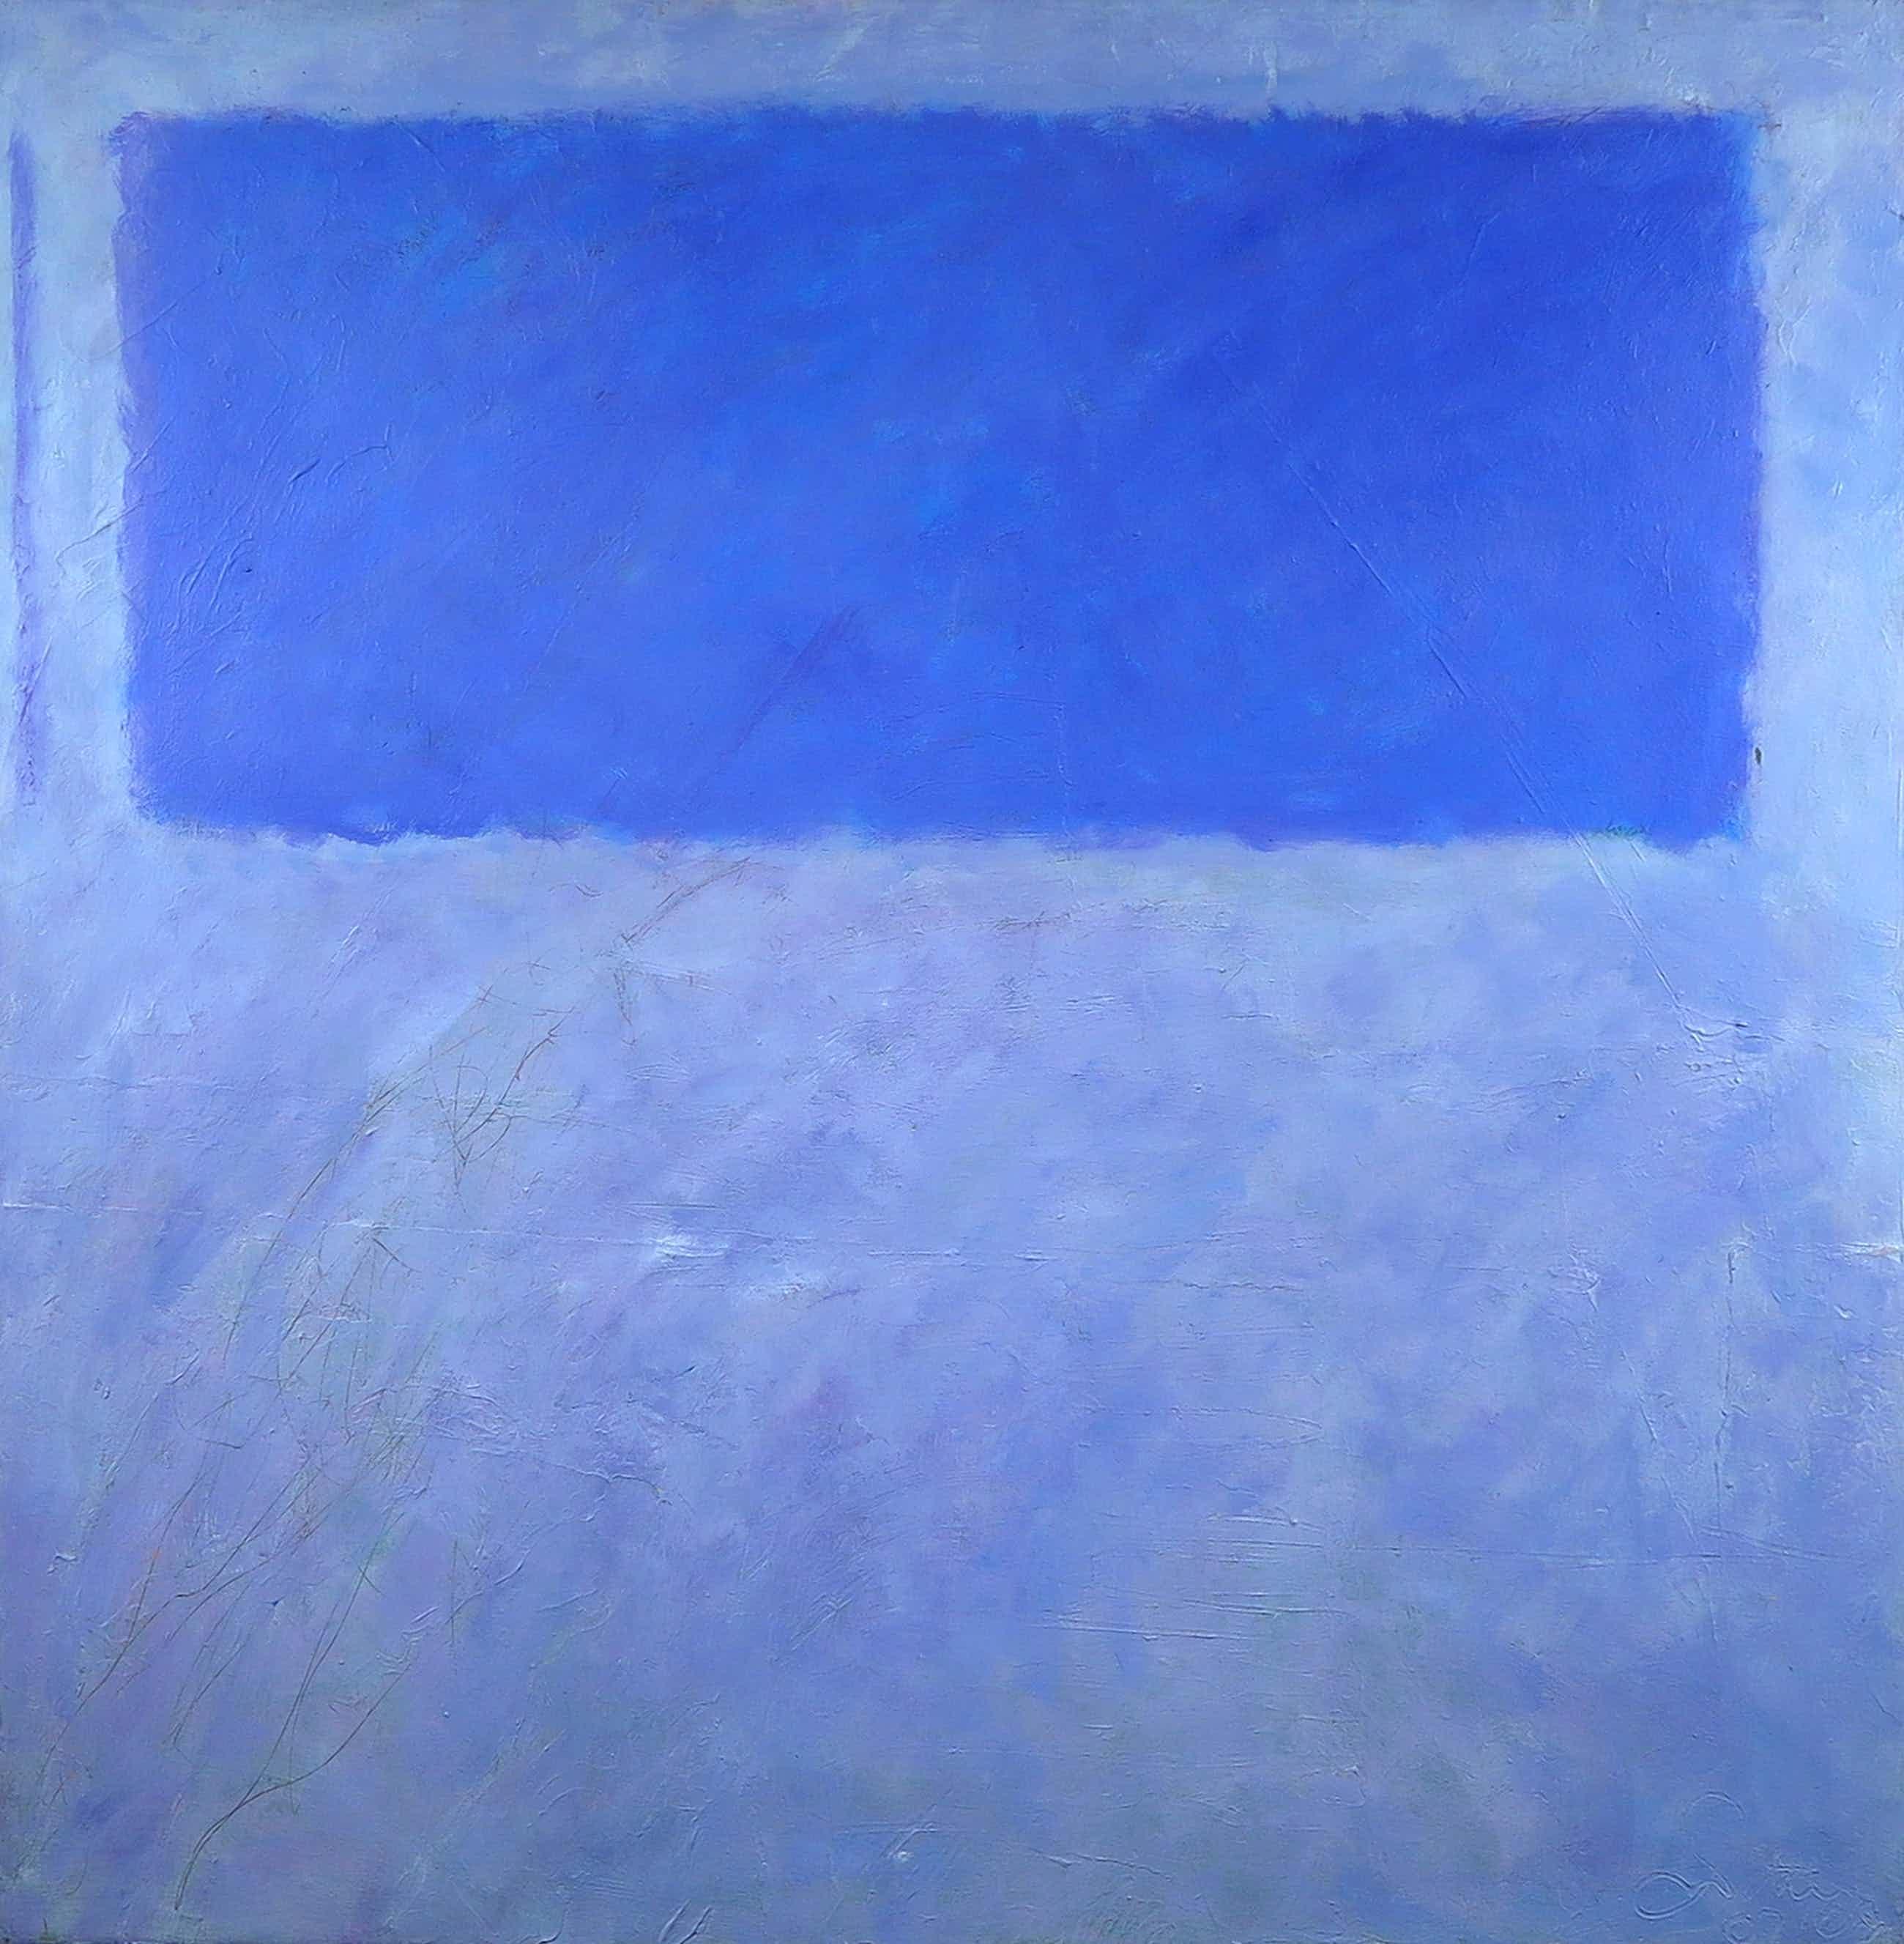 Franscz Witte - Acryl op papier, Abstract (Groot) kopen? Bied vanaf 60!